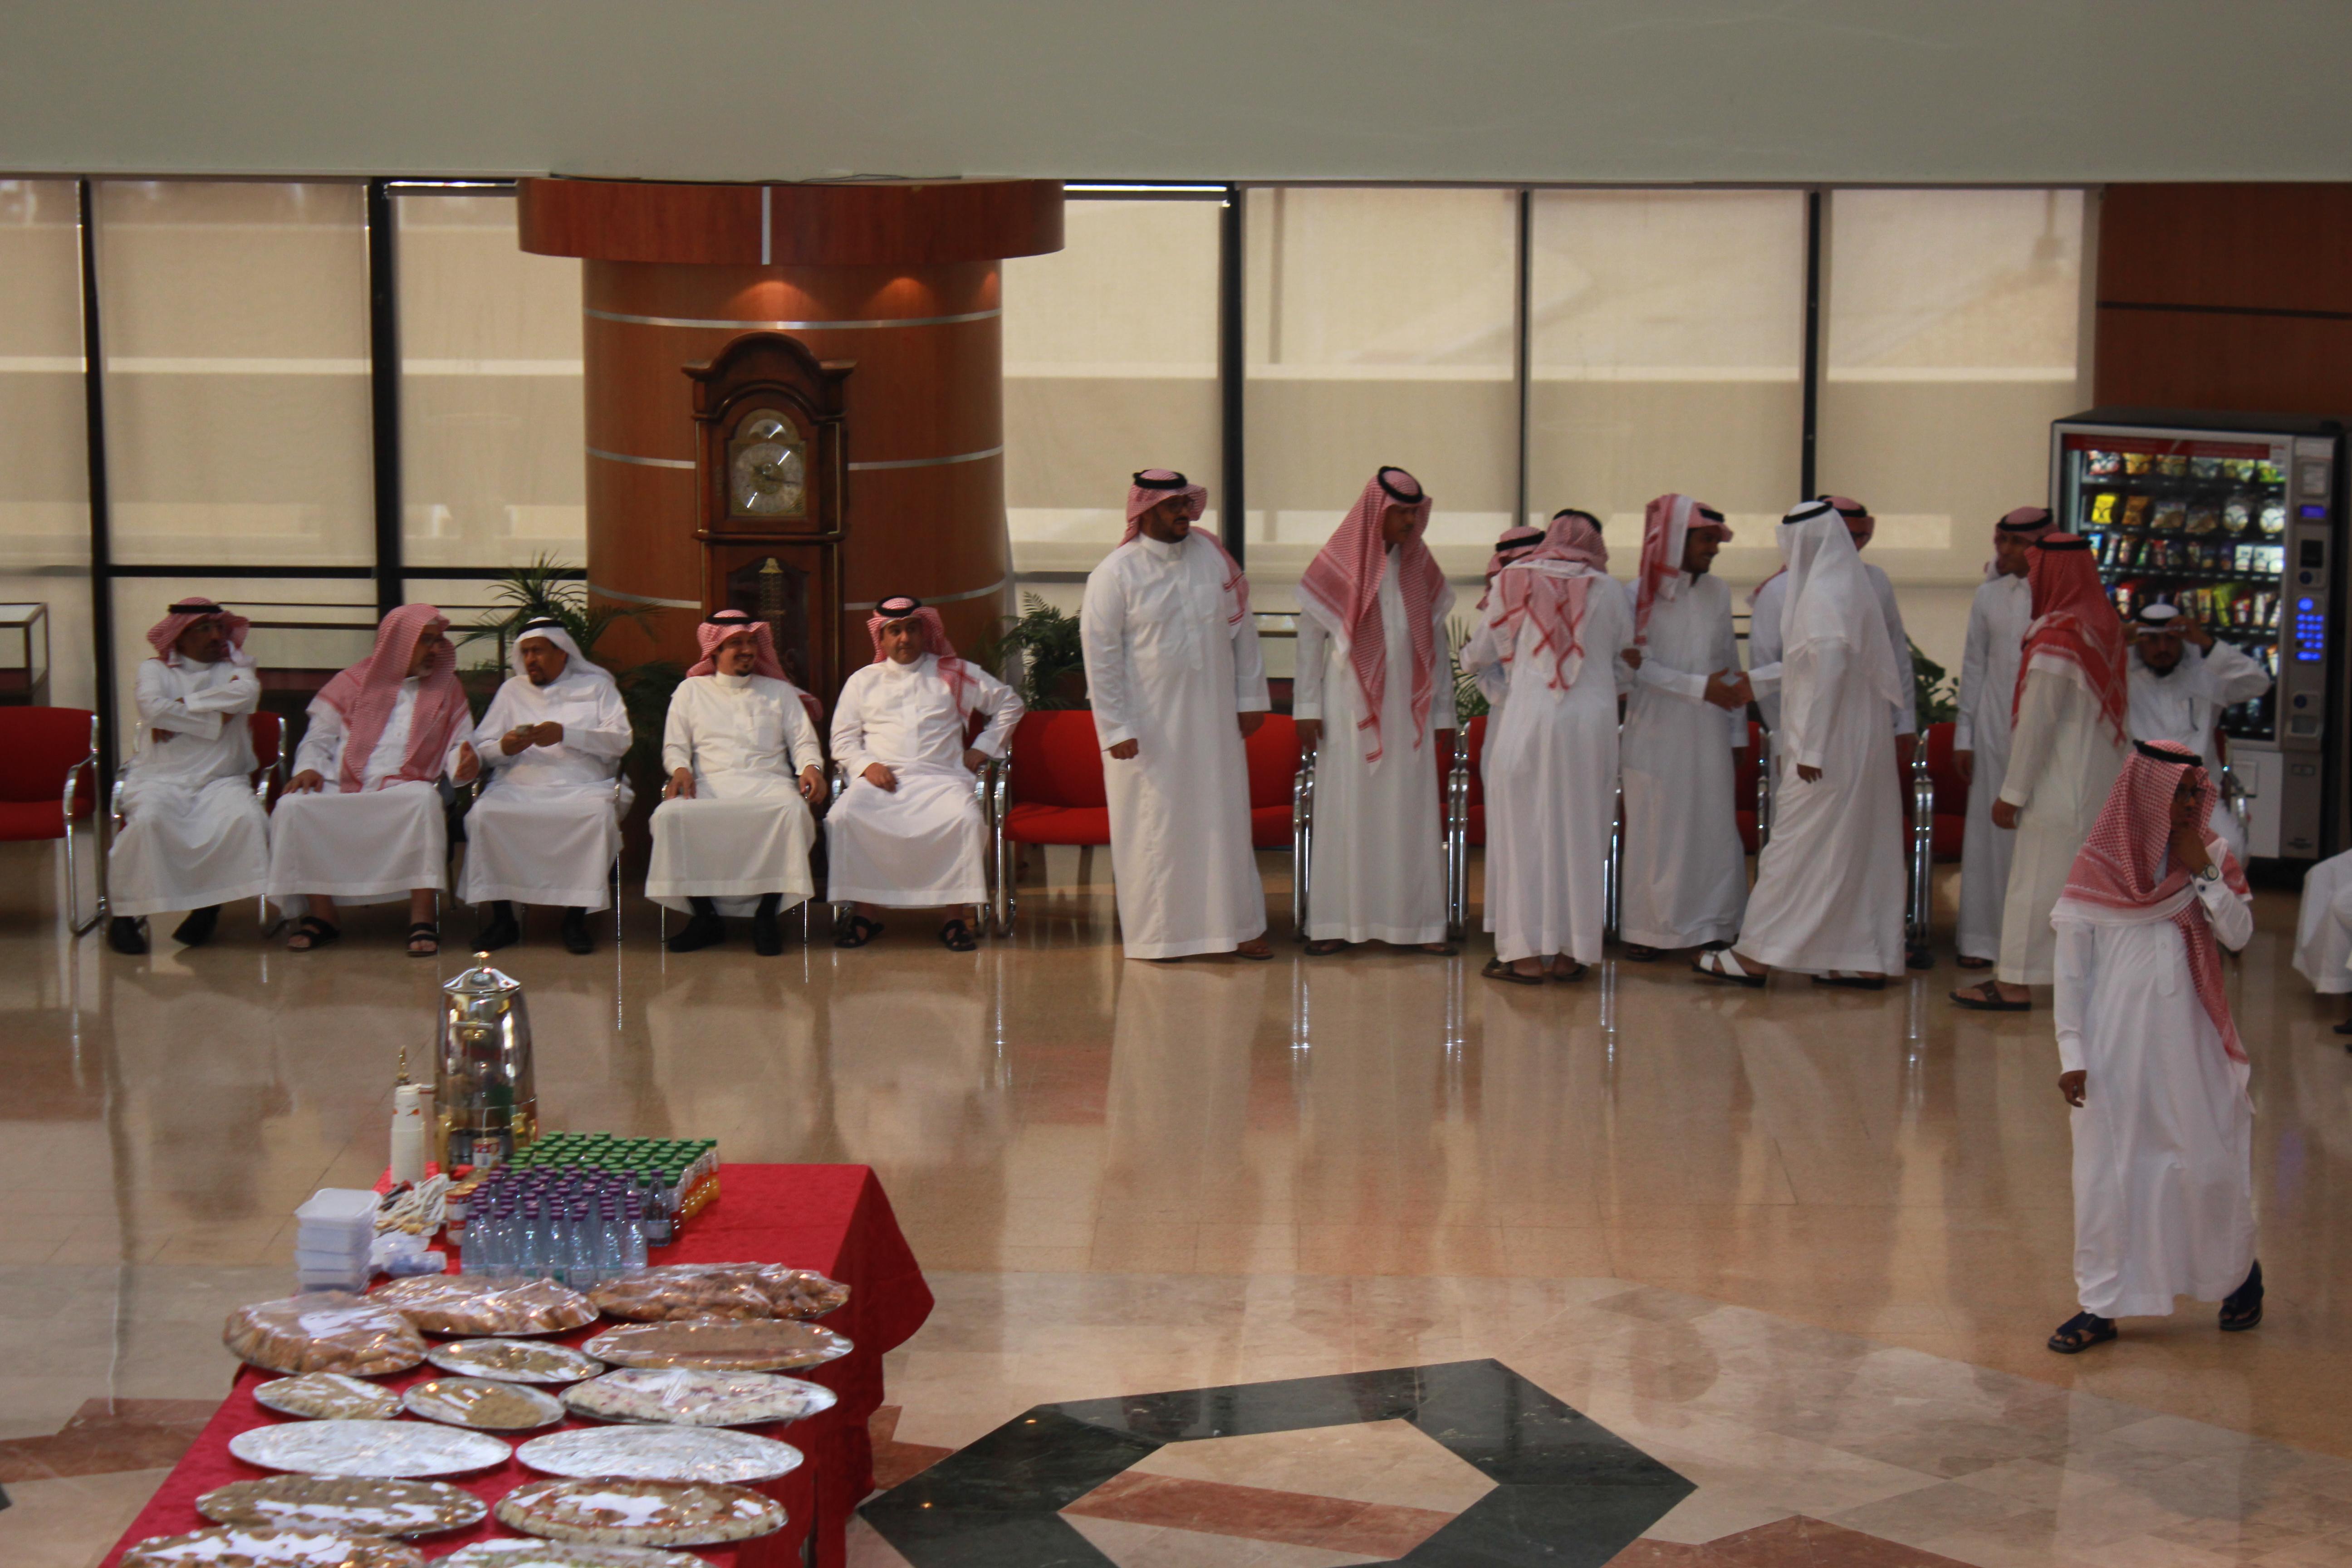 عمادة شؤون المكتبات تقييم حفل المعايدة بمناسبة عيد الفطر المبارك